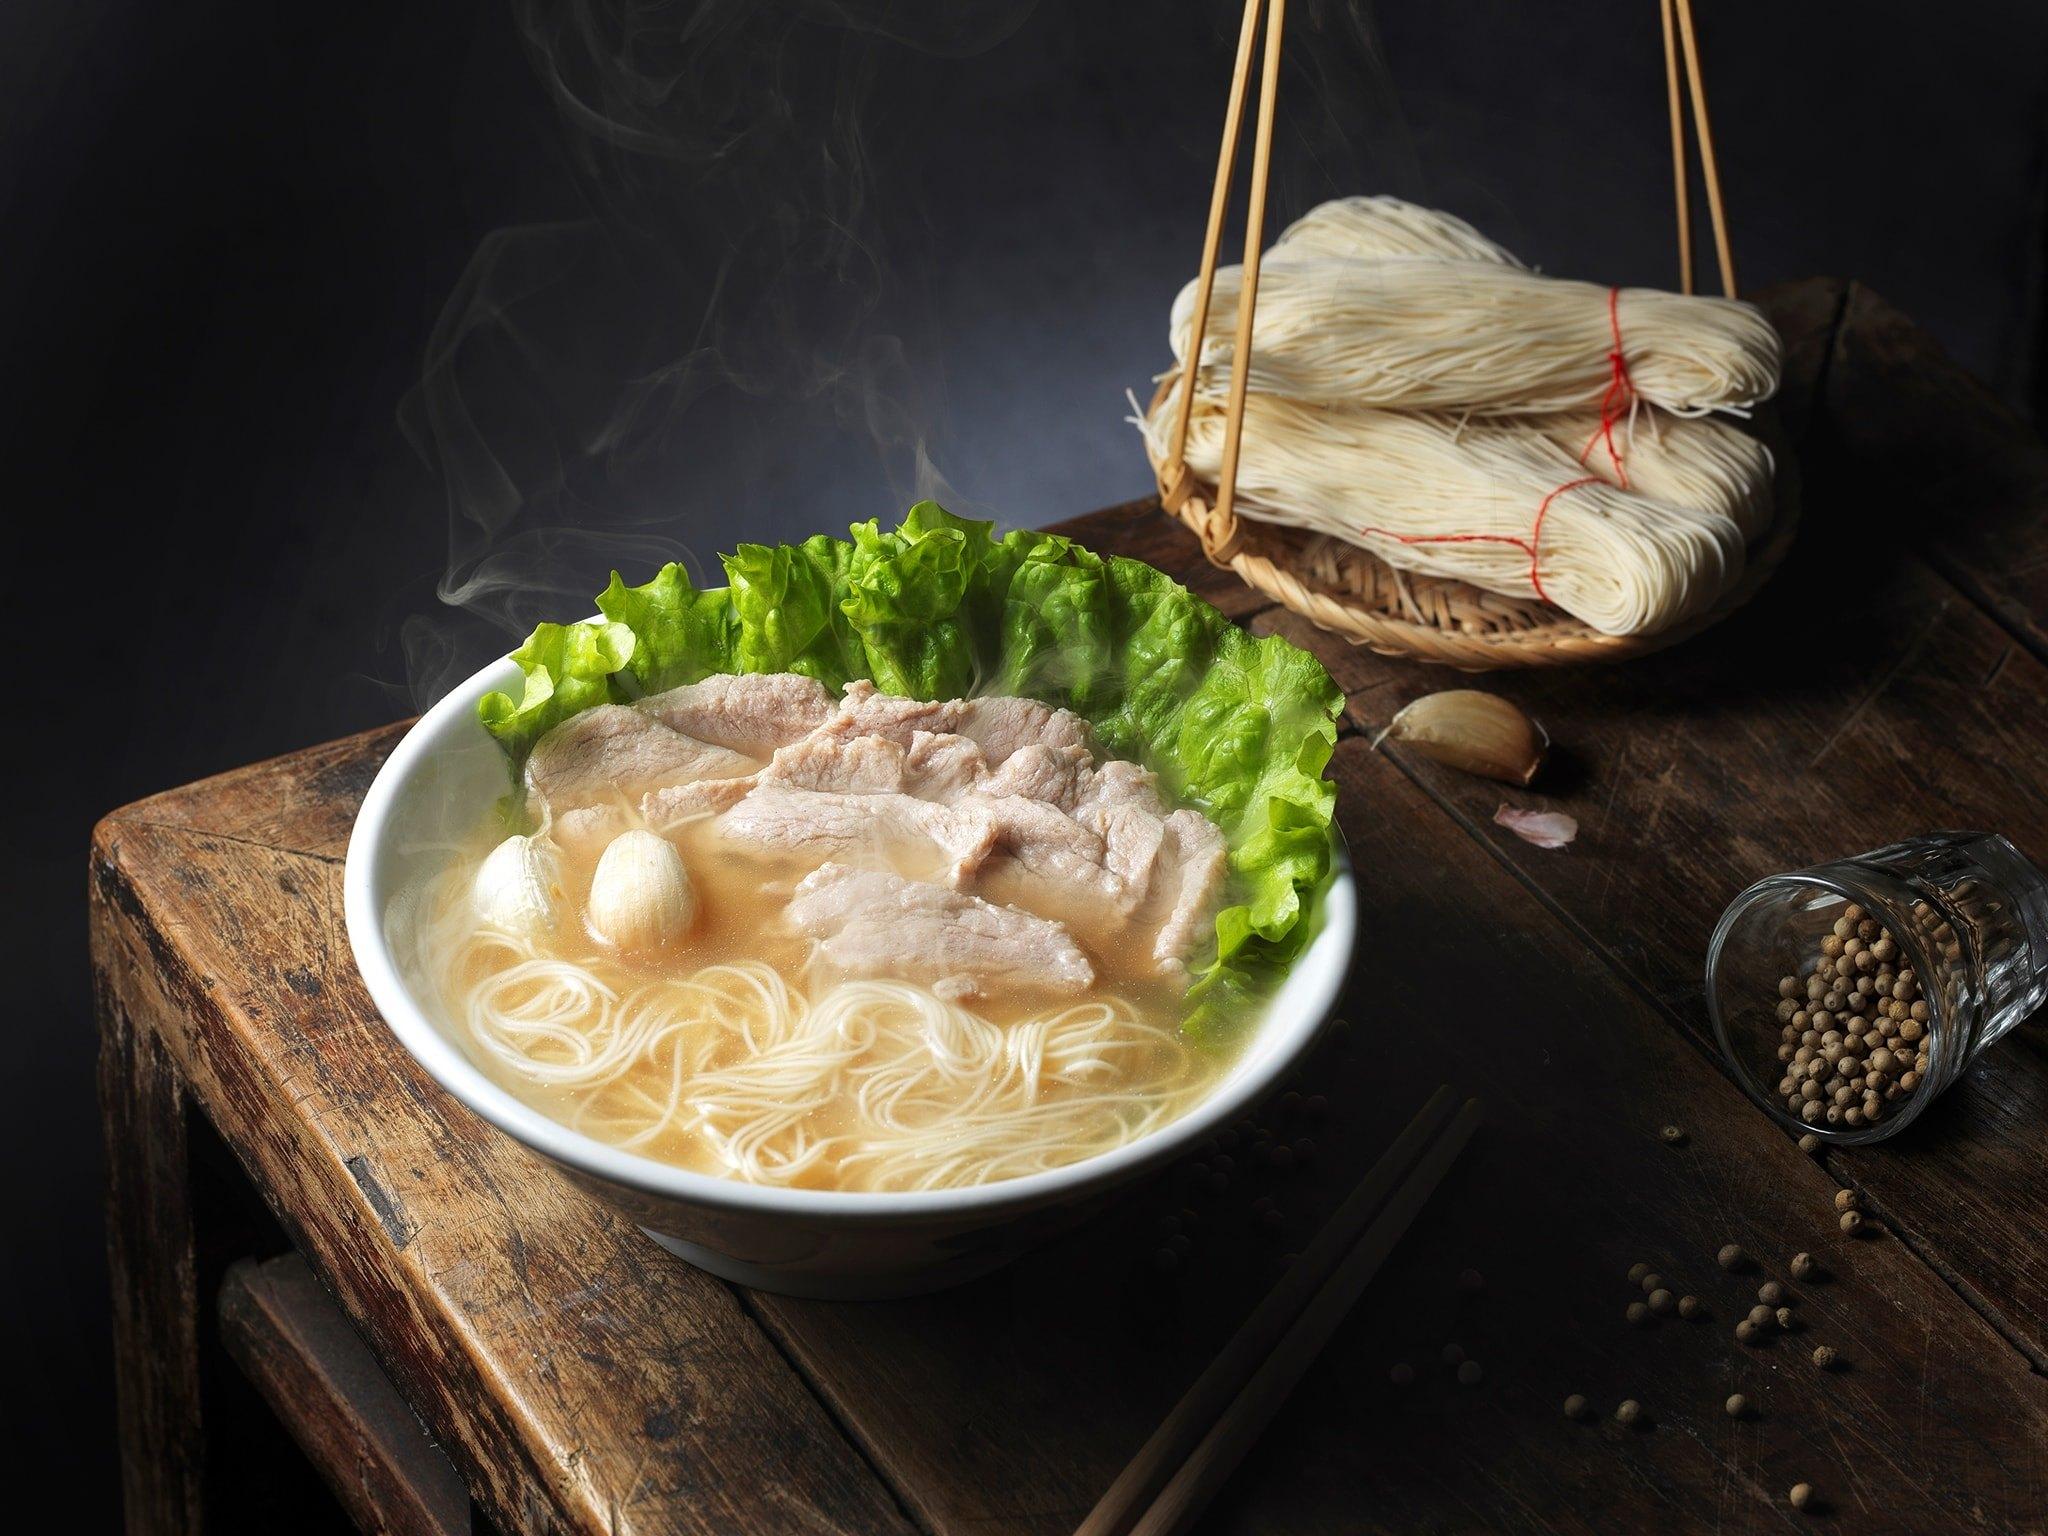 新加坡50年老店「松發肉骨茶」首登臺 「濃郁蒜味白湯頭」鮮甜味一吃難忘 - Foody 吃貨